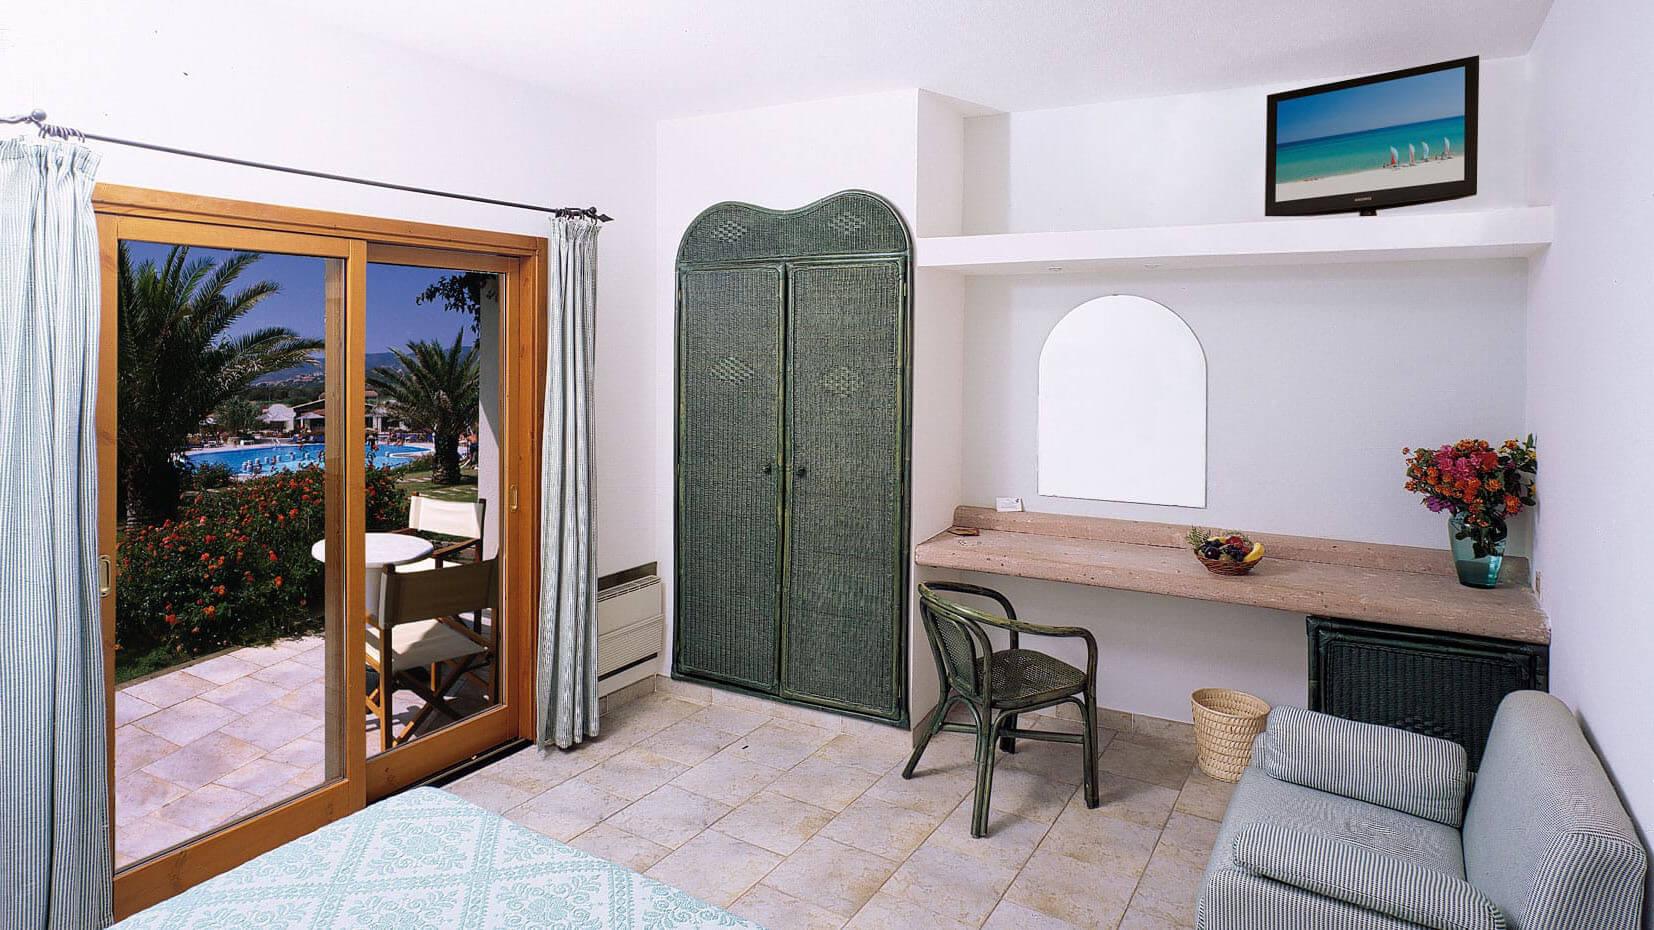 Hotel Le Palme - Superior Family - Badesi - Sardegna